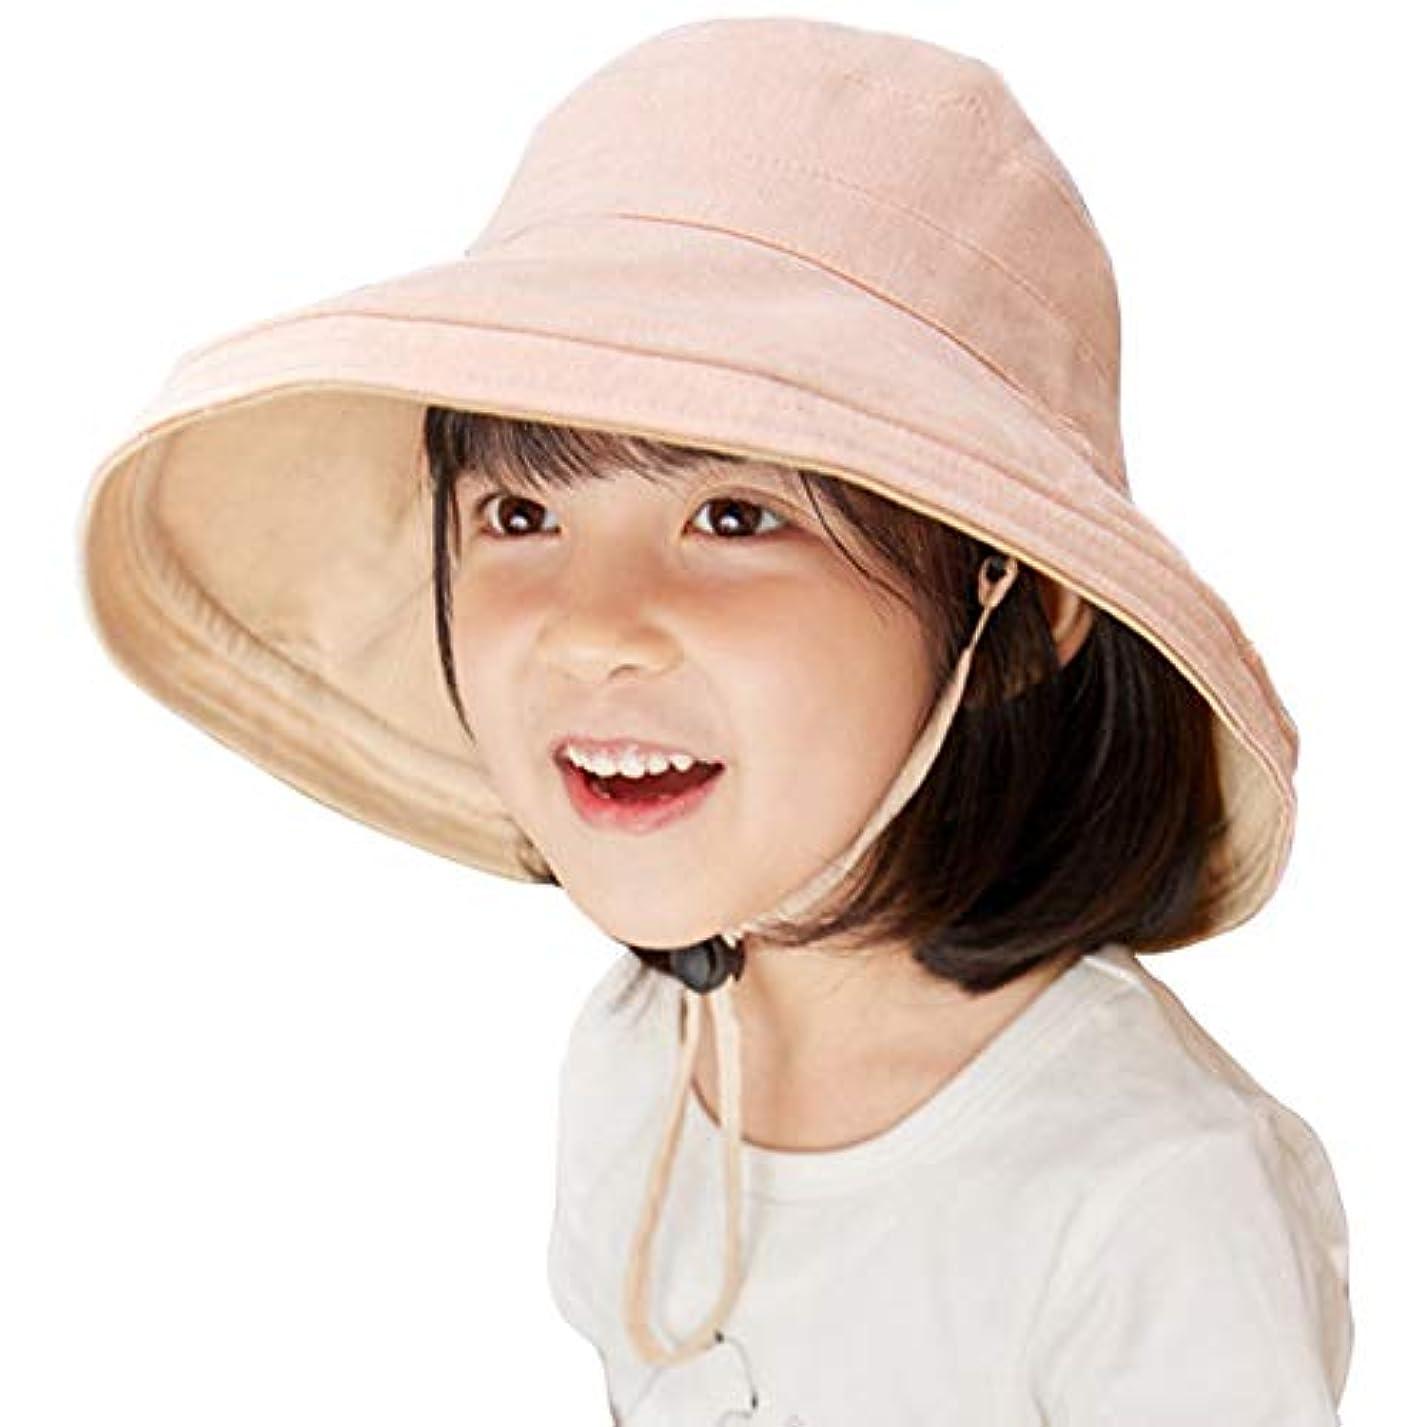 辛な実用的さようなら(ハバー)Habor ベビー用ハット つば広帽子 キャップ キッズ 日よけ帽子 子供サンバイザー 女の子 男の子 紫外線 UVカット ワイヤー付き 取り外すあご紐 5色